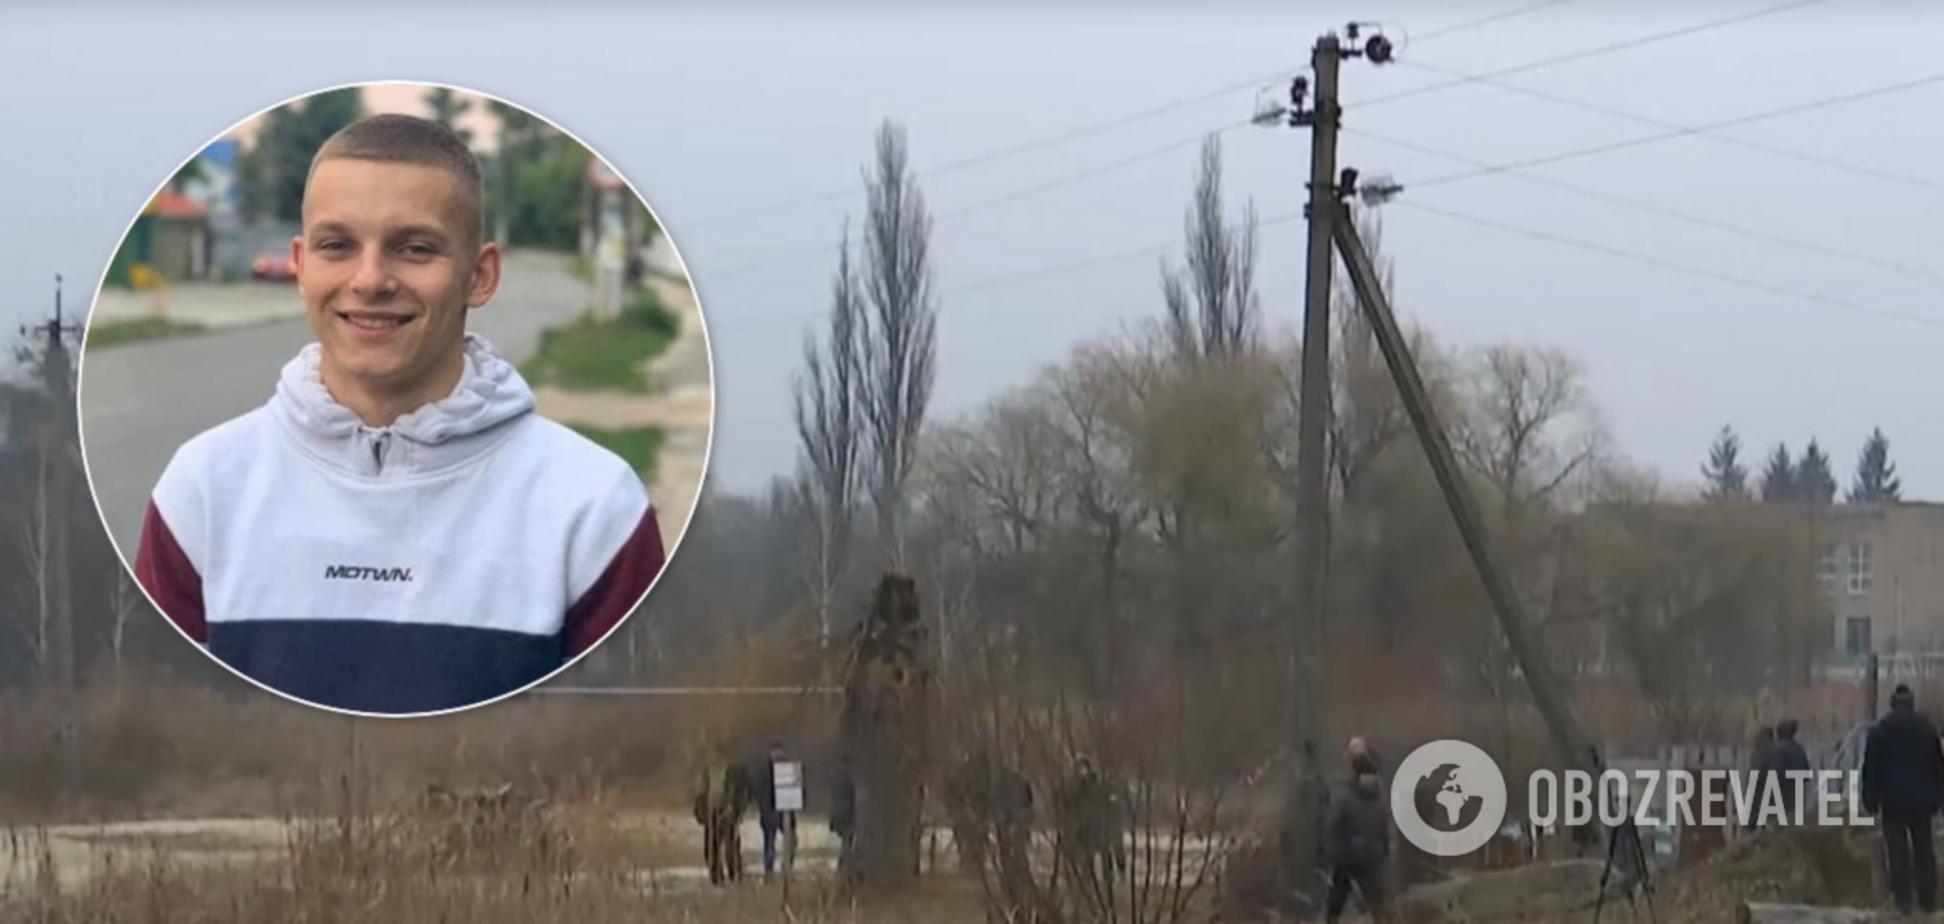 Под Киевом нашли тело 16-летнего парня: первые подробности загадочной трагедии